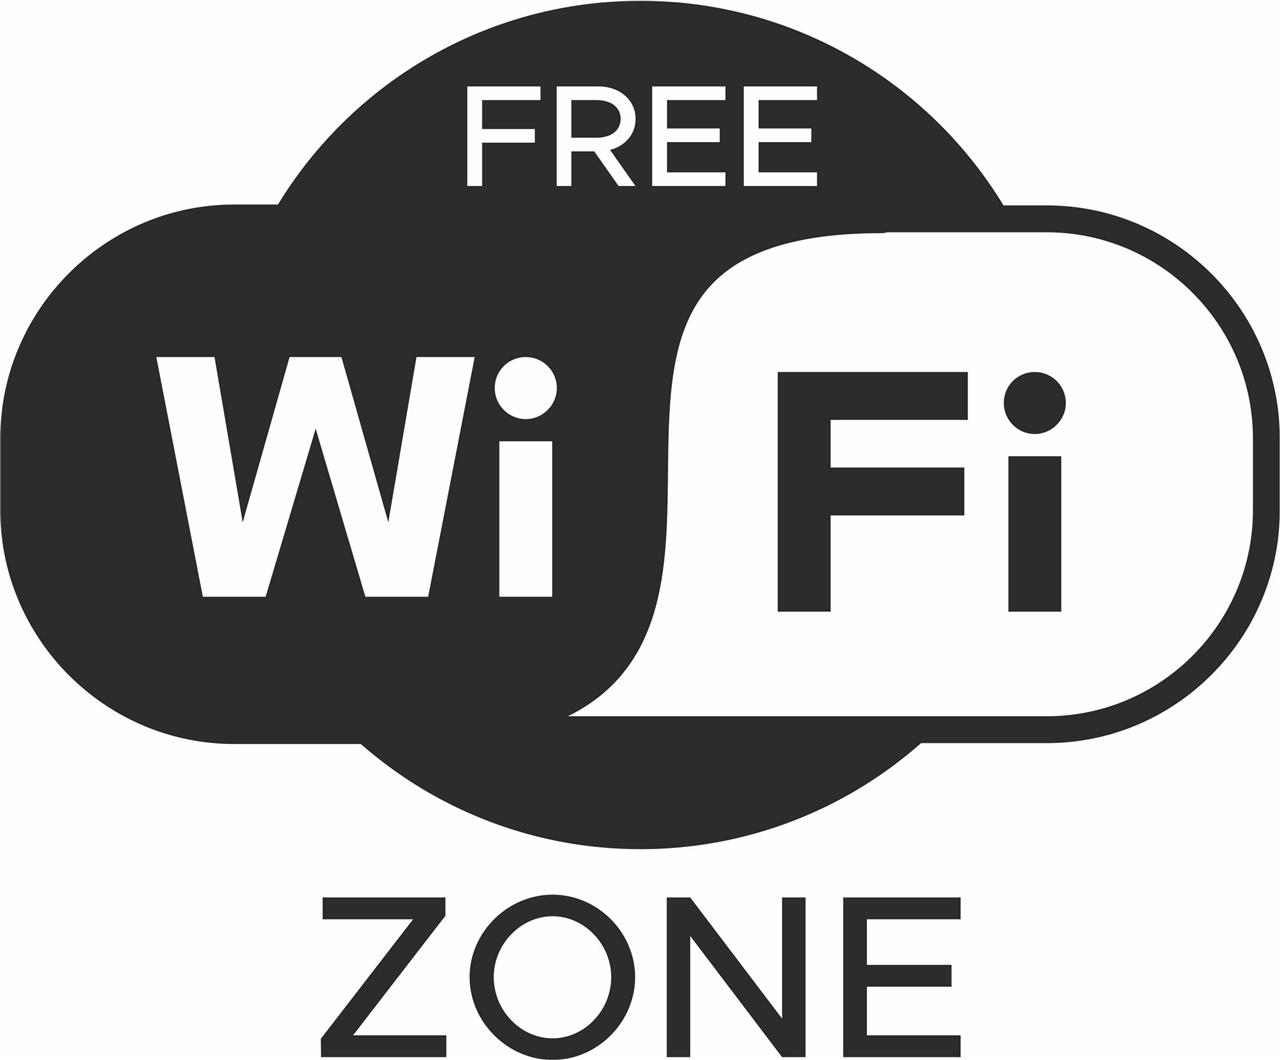 Adesivo free wi-fi